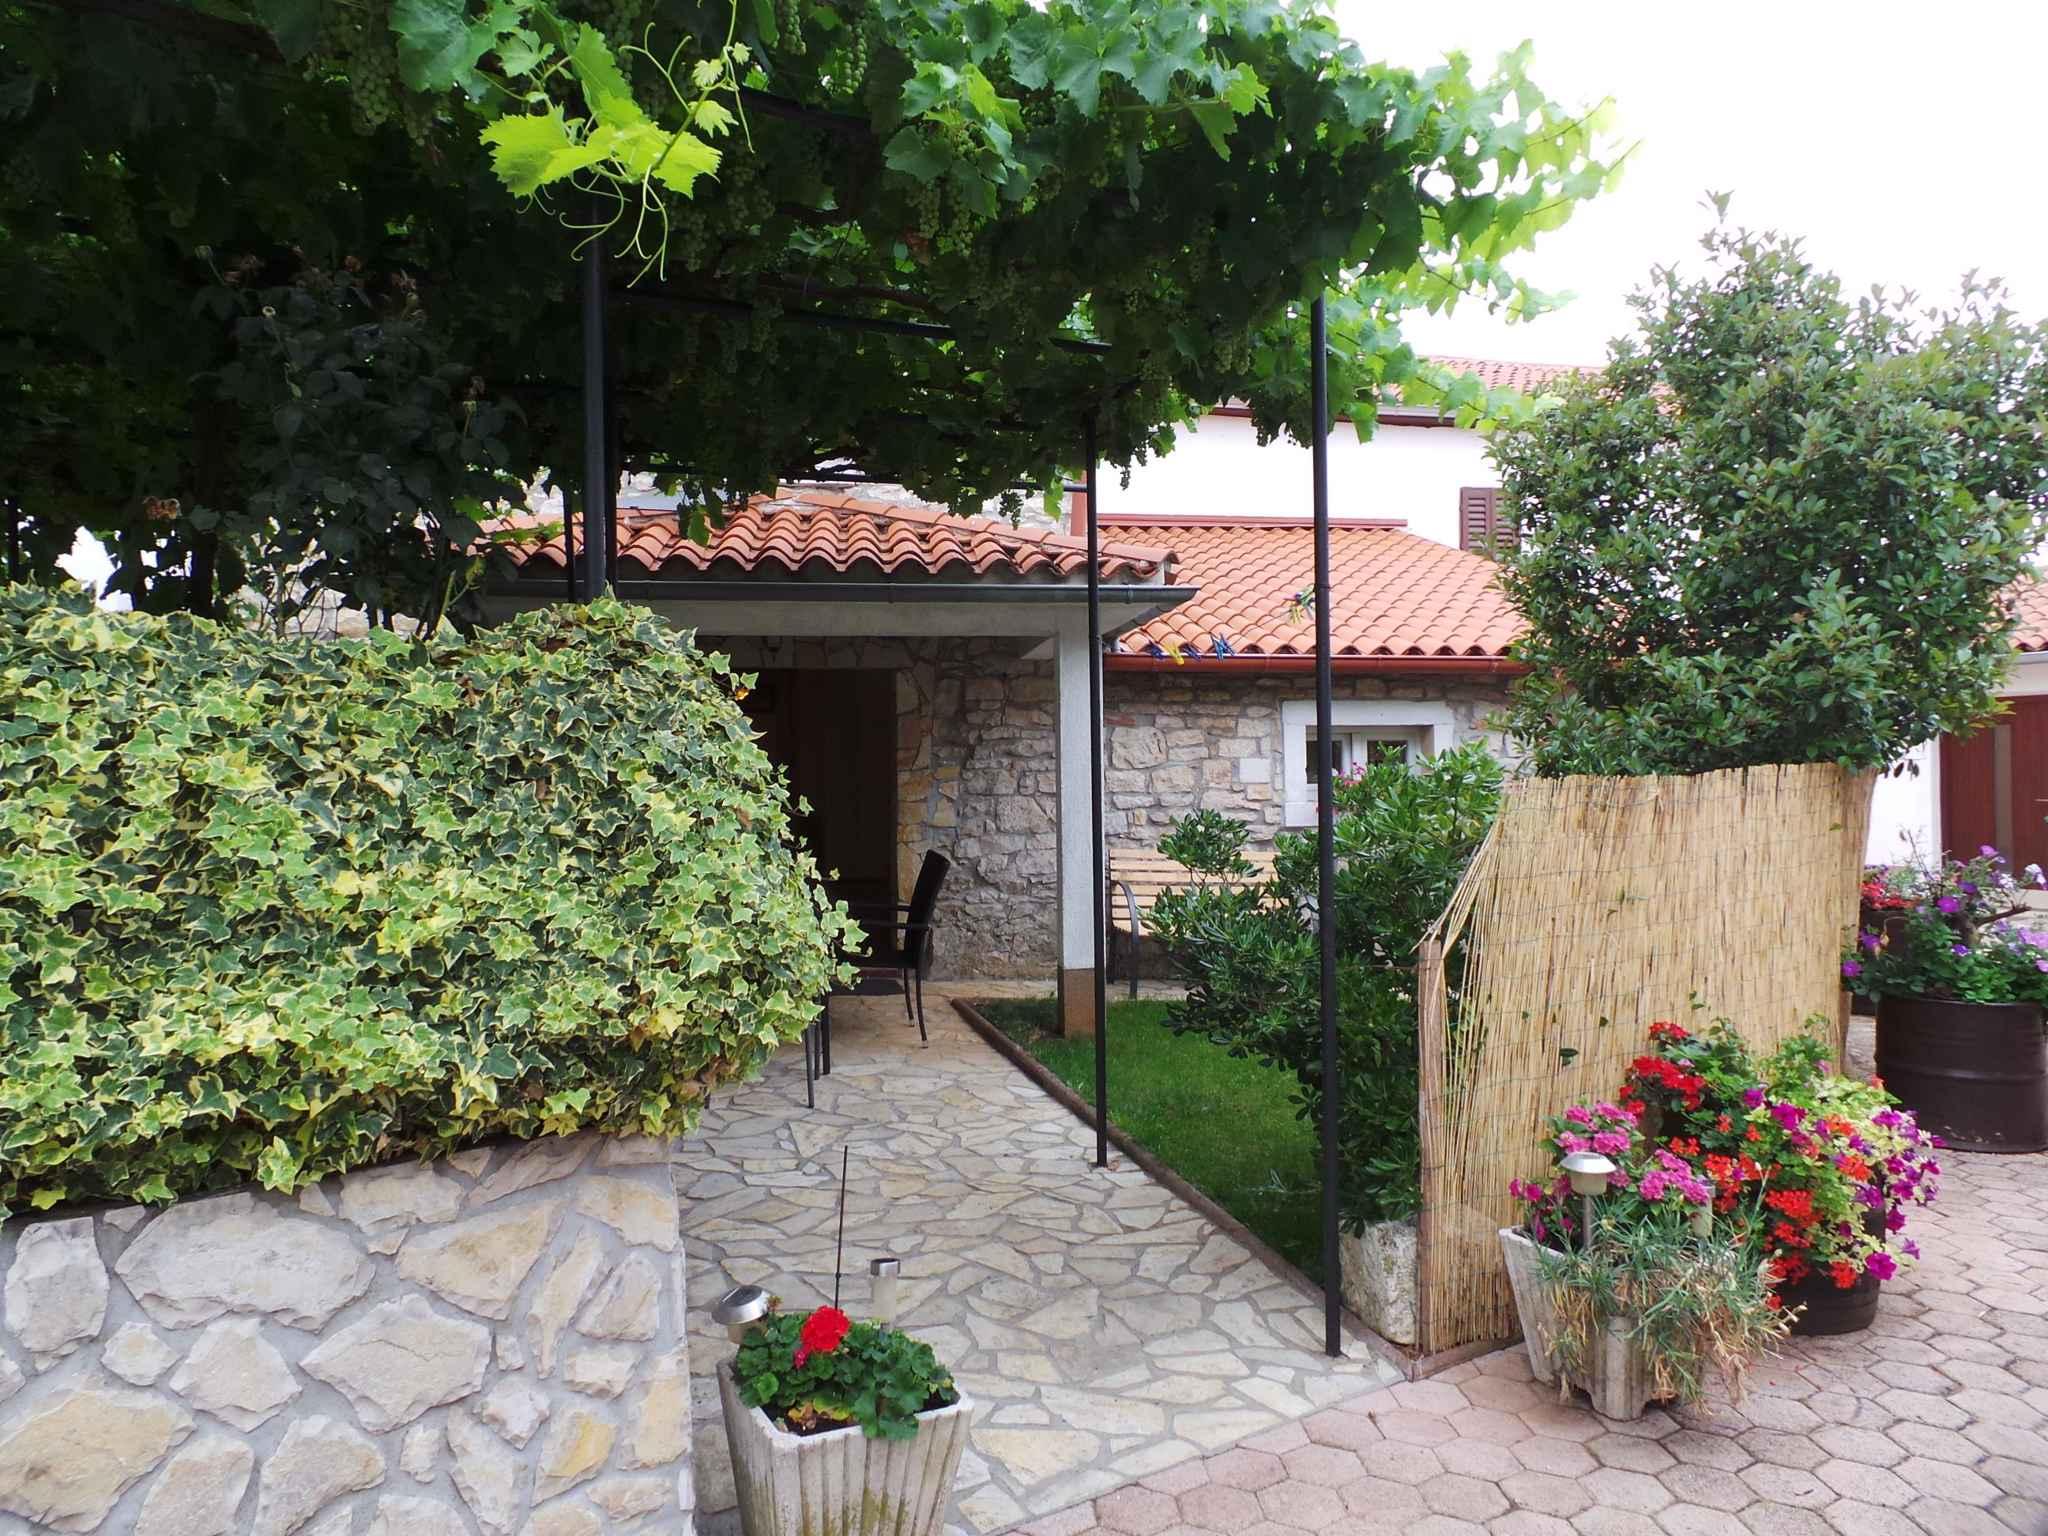 Ferienhaus in ruhiger Lage mit Klimaanlage  in Kroatien